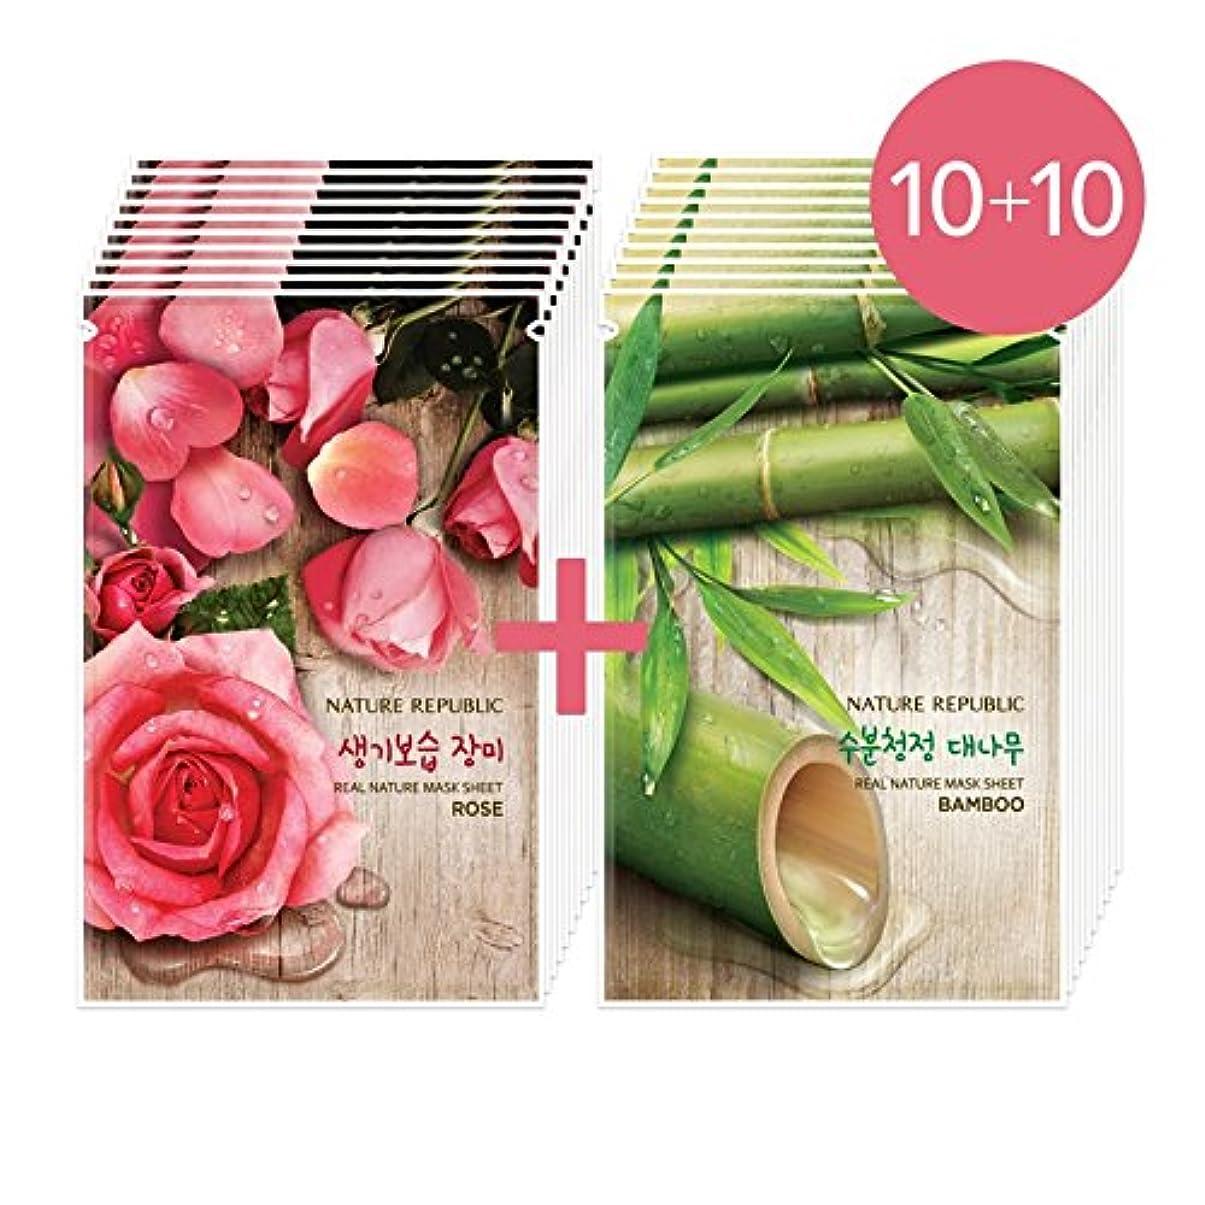 実行可能サーフィン紫の(10+10) [NATURE REPUBLIC] リアルネイチャー マスクシート Real Nature Mask Sheet (Bamboo (竹) 10本 + Rose (ローズ) 10本) [並行輸入品]